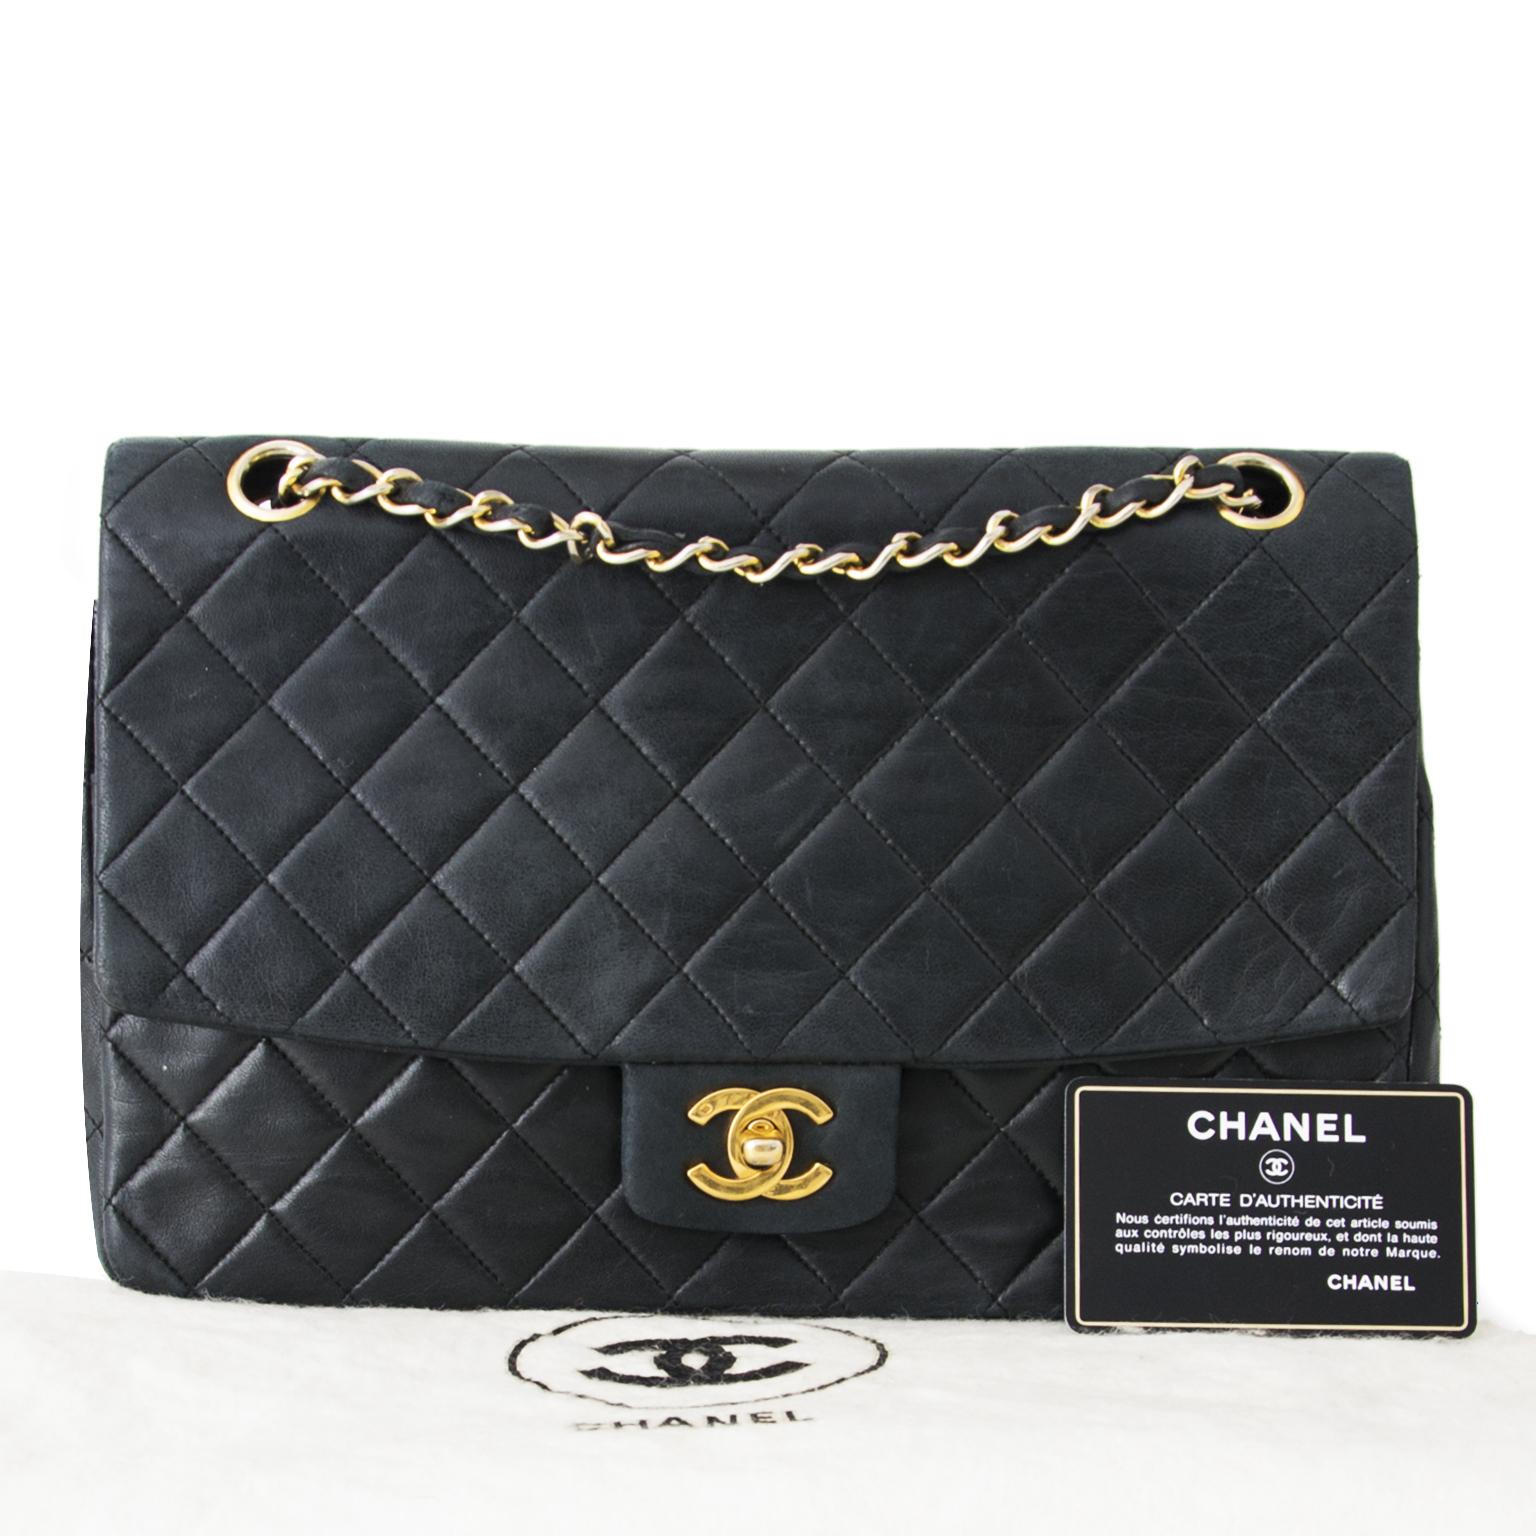 a8f6e81f4ed4 Veilig online winkelen Authentieke Chanel flap tas voor de juiste prijs bij  LabelLOV vintage webshop. Veilig online winkelen